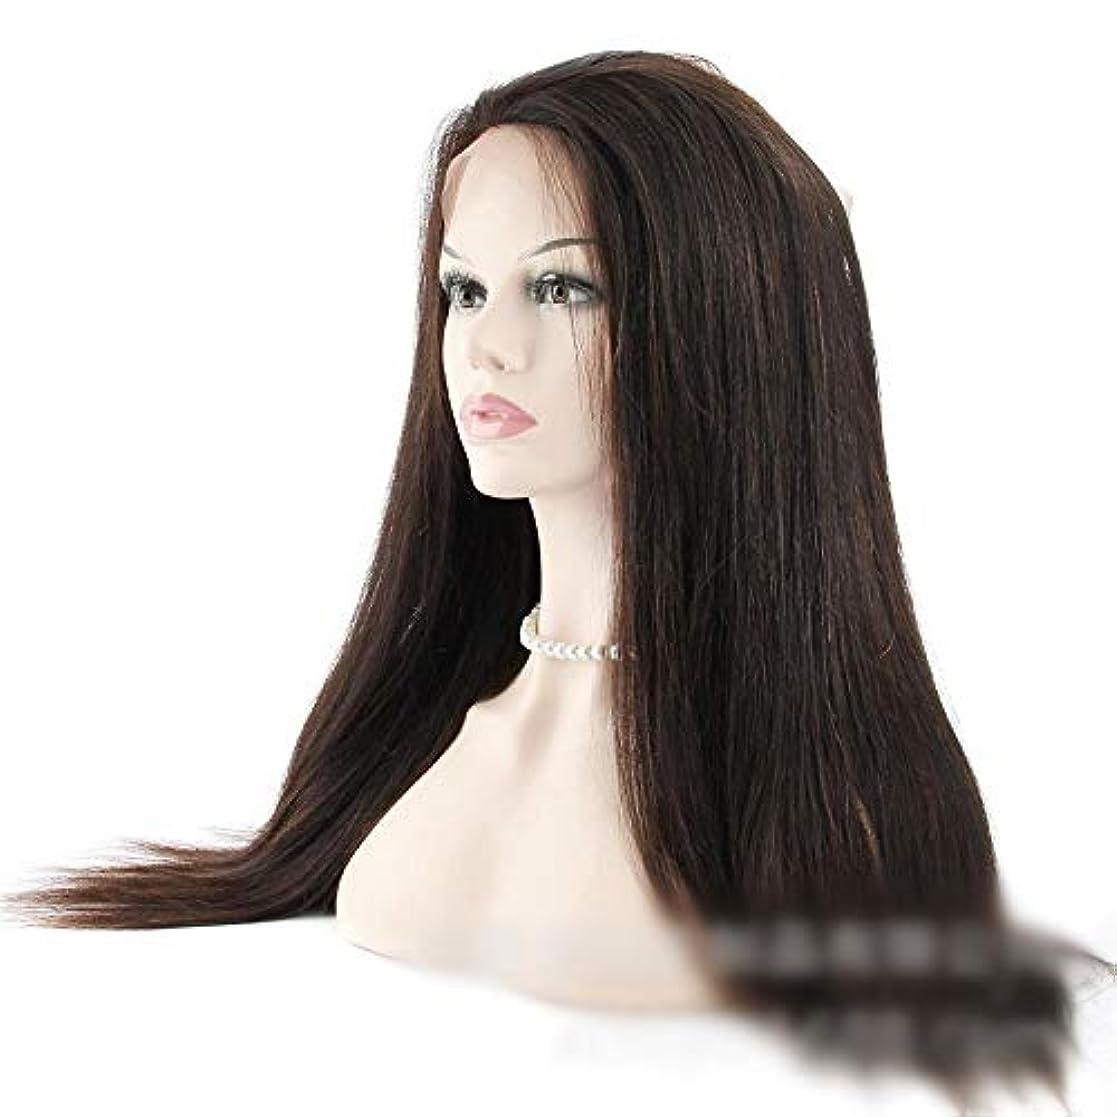 静脈センチメンタル被るJULYTER 360レース前頭閉鎖ブラジル人間の髪の毛の広場ナチュラルブラックカラー(14インチ-20インチ) (色 : 黒, サイズ : 10 inch)